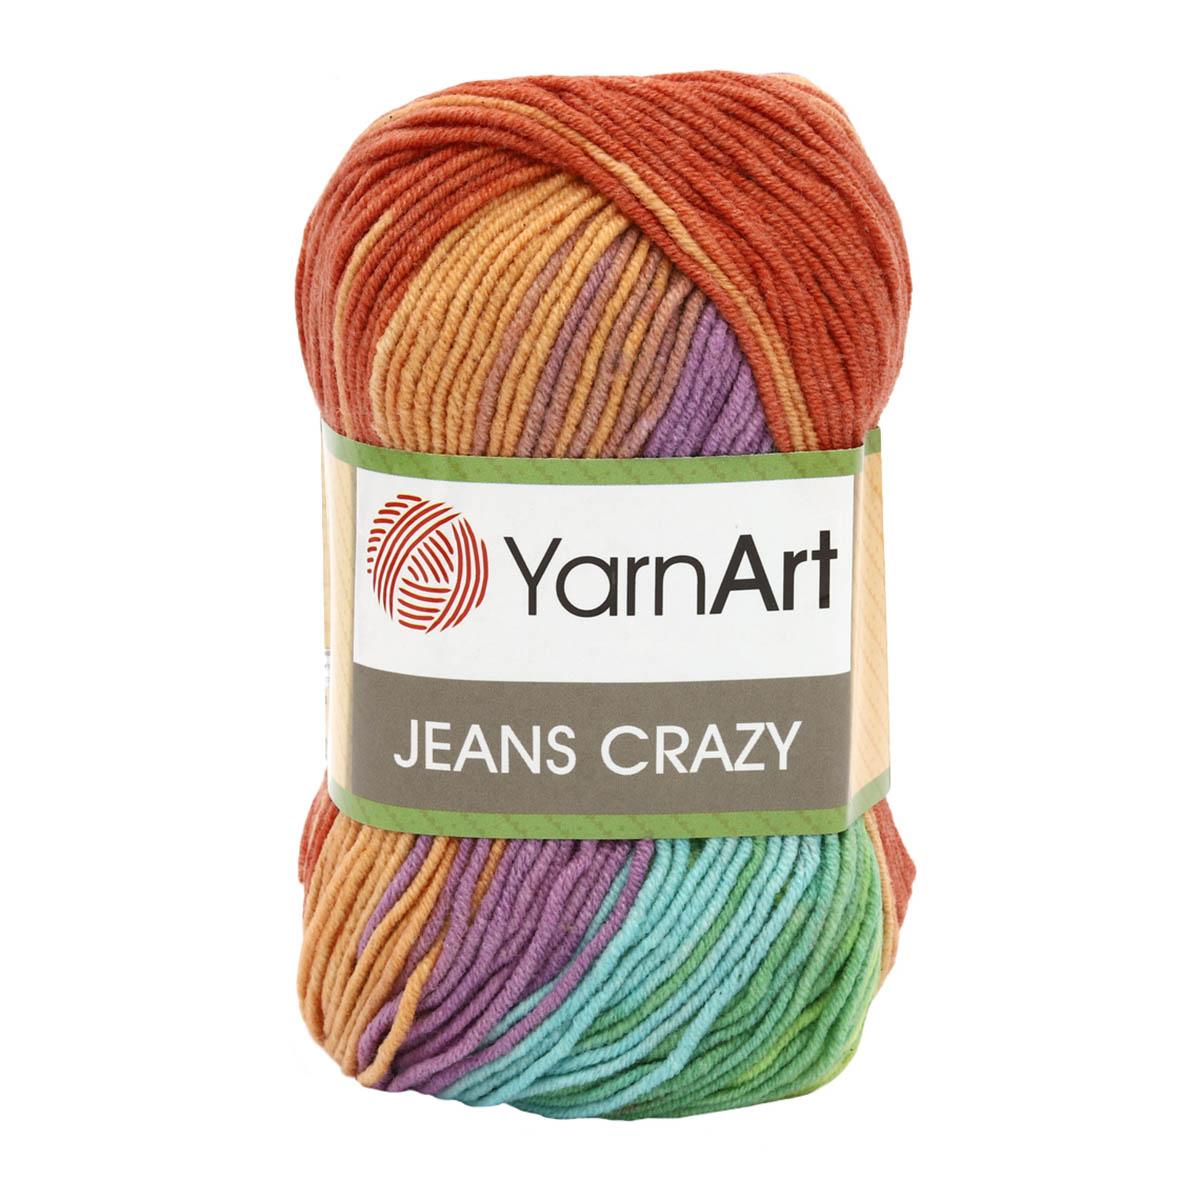 Пряжа YarnArt 'Jeans Crazy' 50гр 160м (55% хлопок, 45% полиакрил)